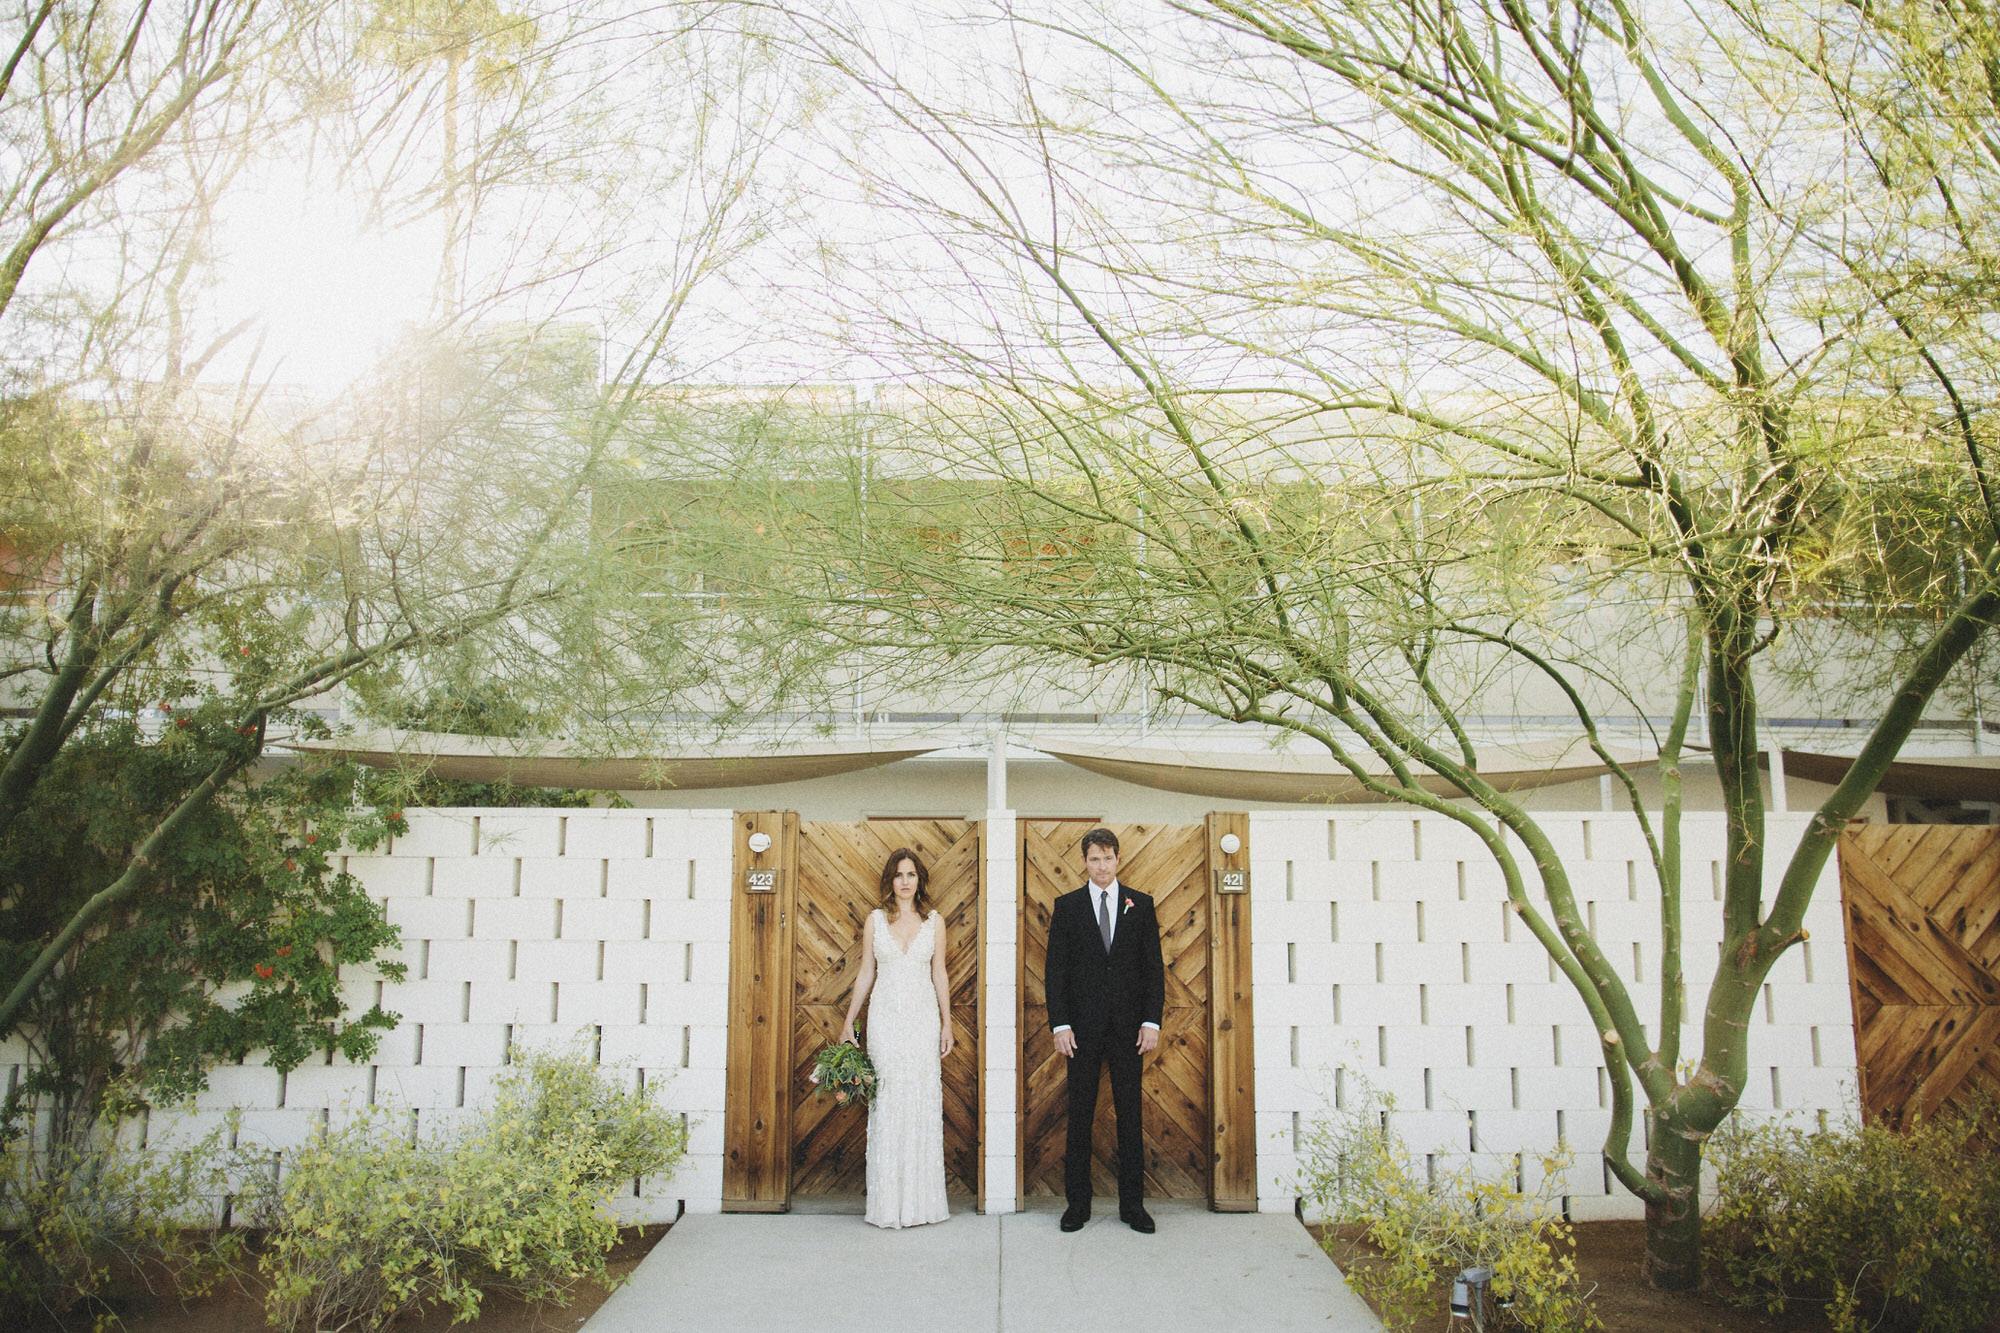 GWS-ace-hotel-real-wedding-002.jpg